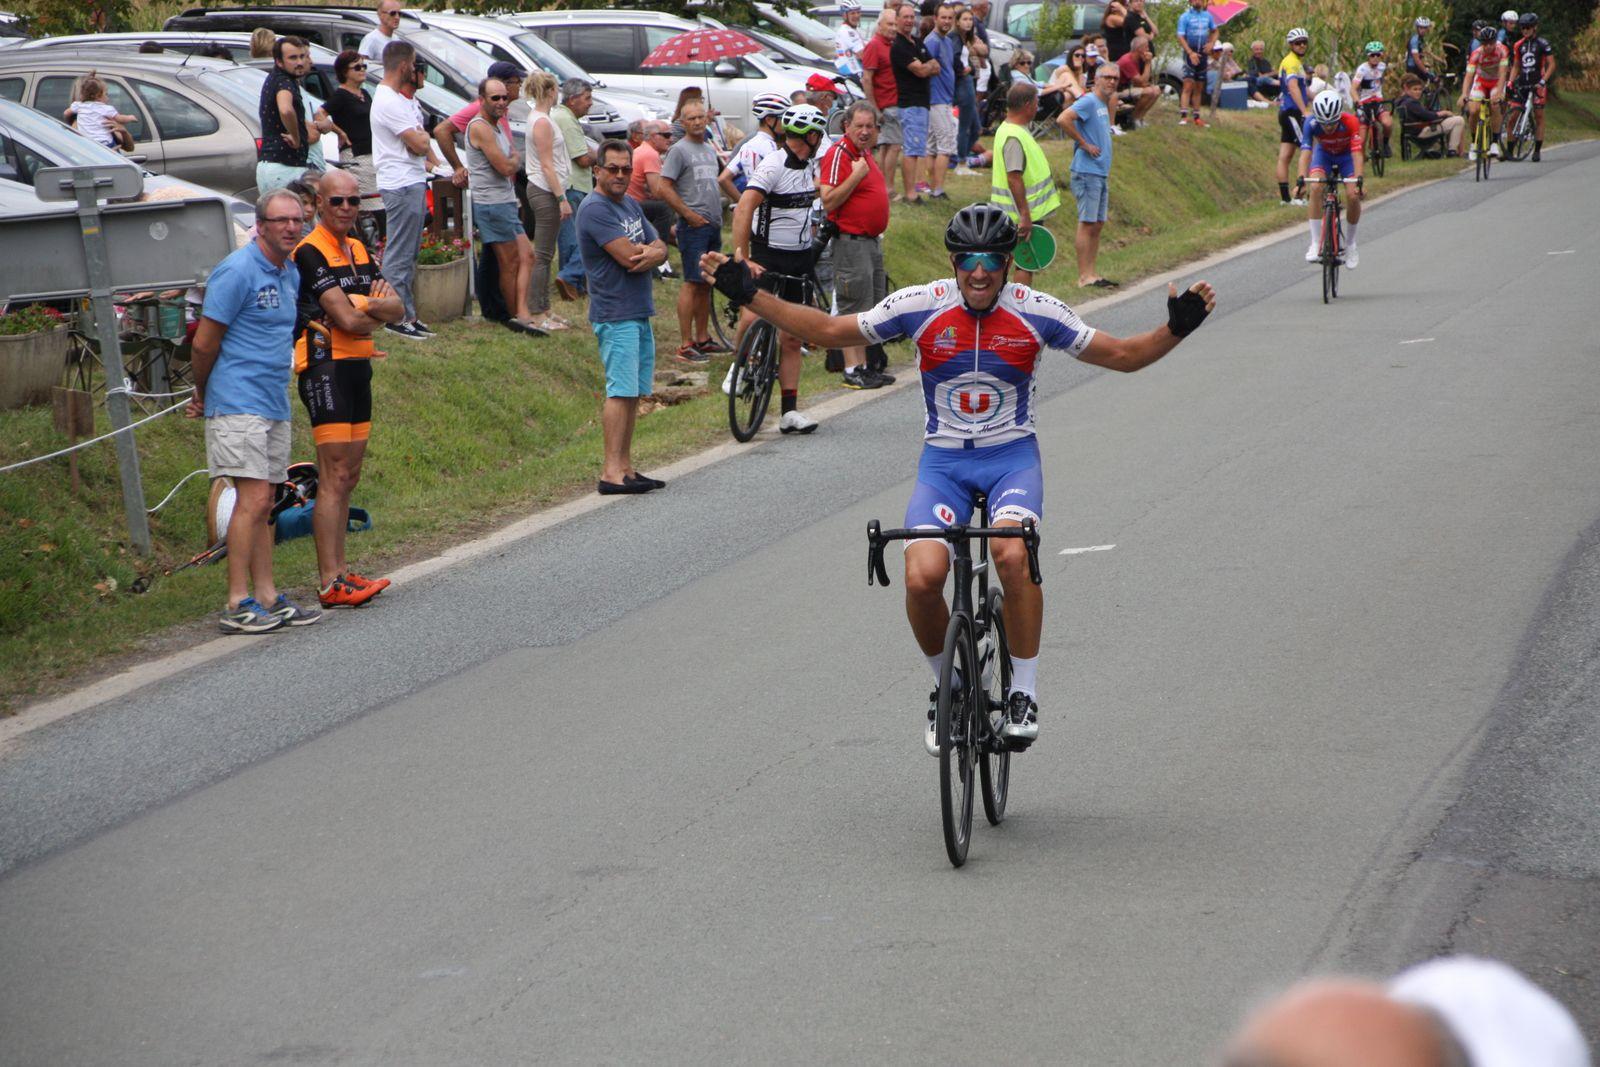 L'arrivée  et  la  nette  victoire  pour  Vincent  GICQUEL  le  coureur  de  l'APOGE  qui  remporte  sa  3e  victoire  de  la saison